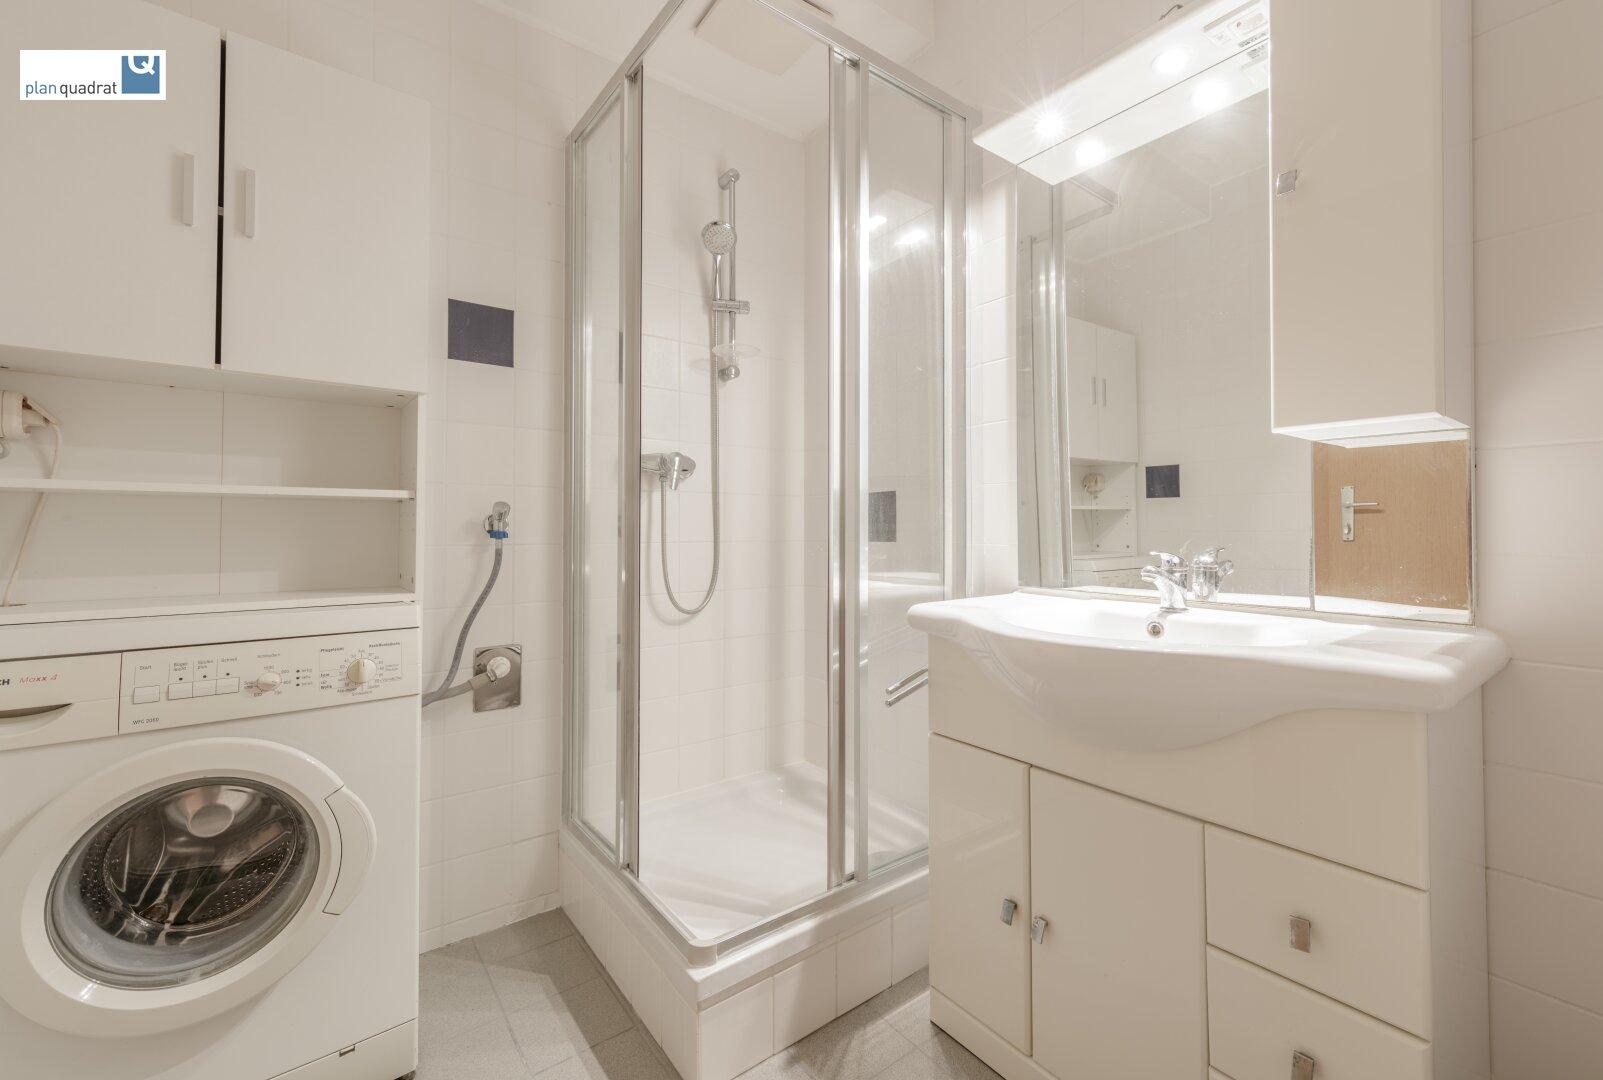 Badezimmer (ca. 4,60 m²) mit Waschbecken, Dusche, Toilette und Wa-Ma-Anschluss